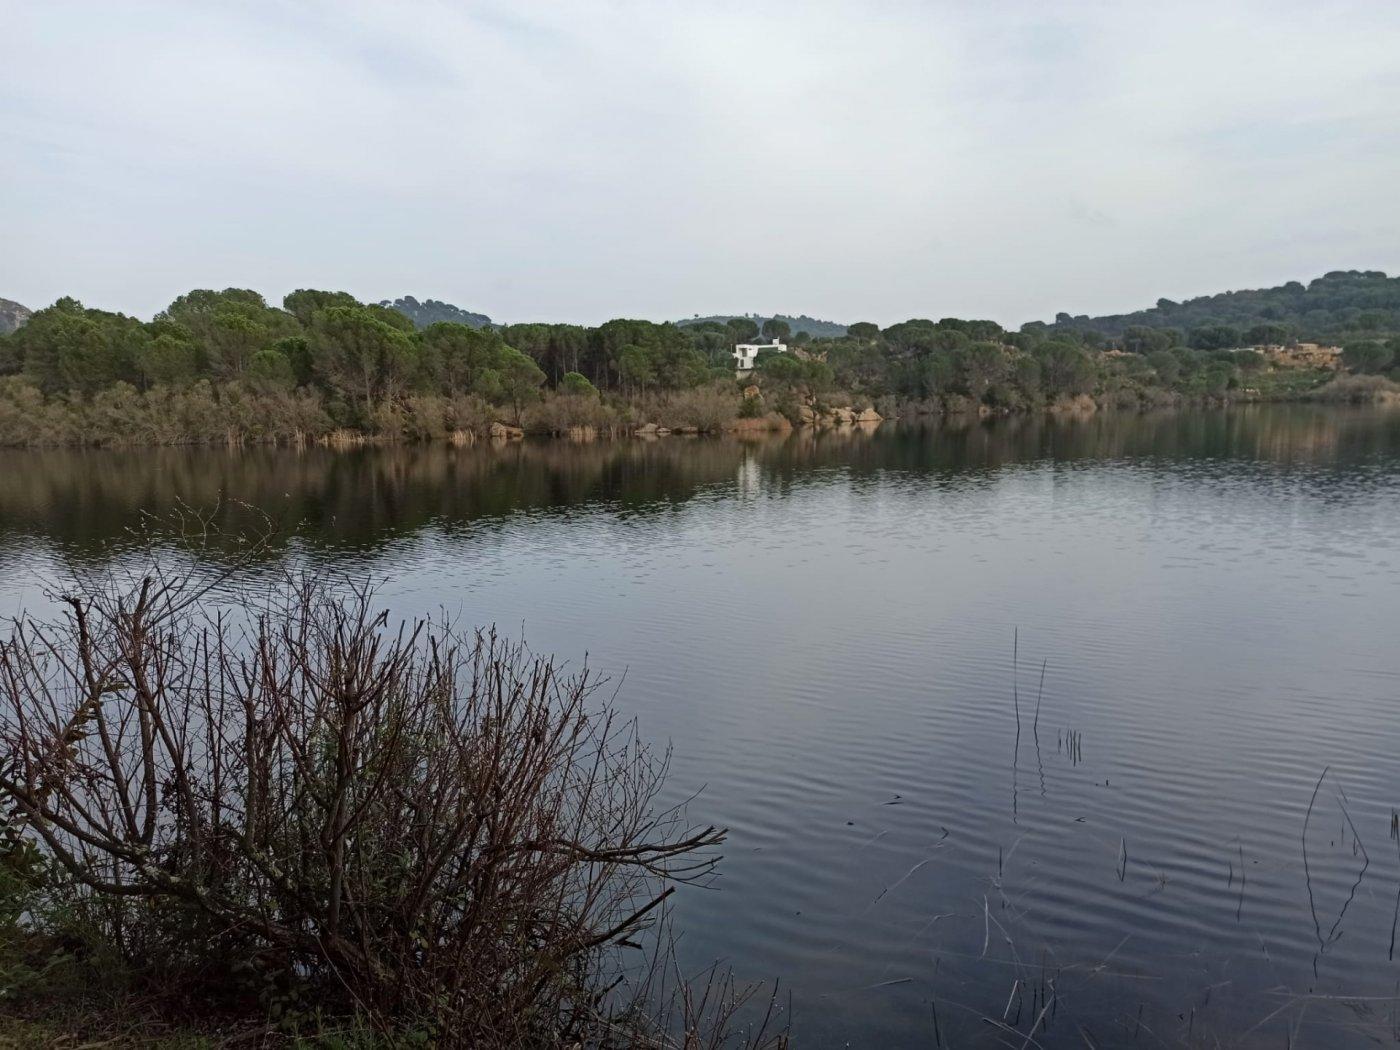 Se vende parcela urbana en las jaras a orilla del lago - imagenInmueble6